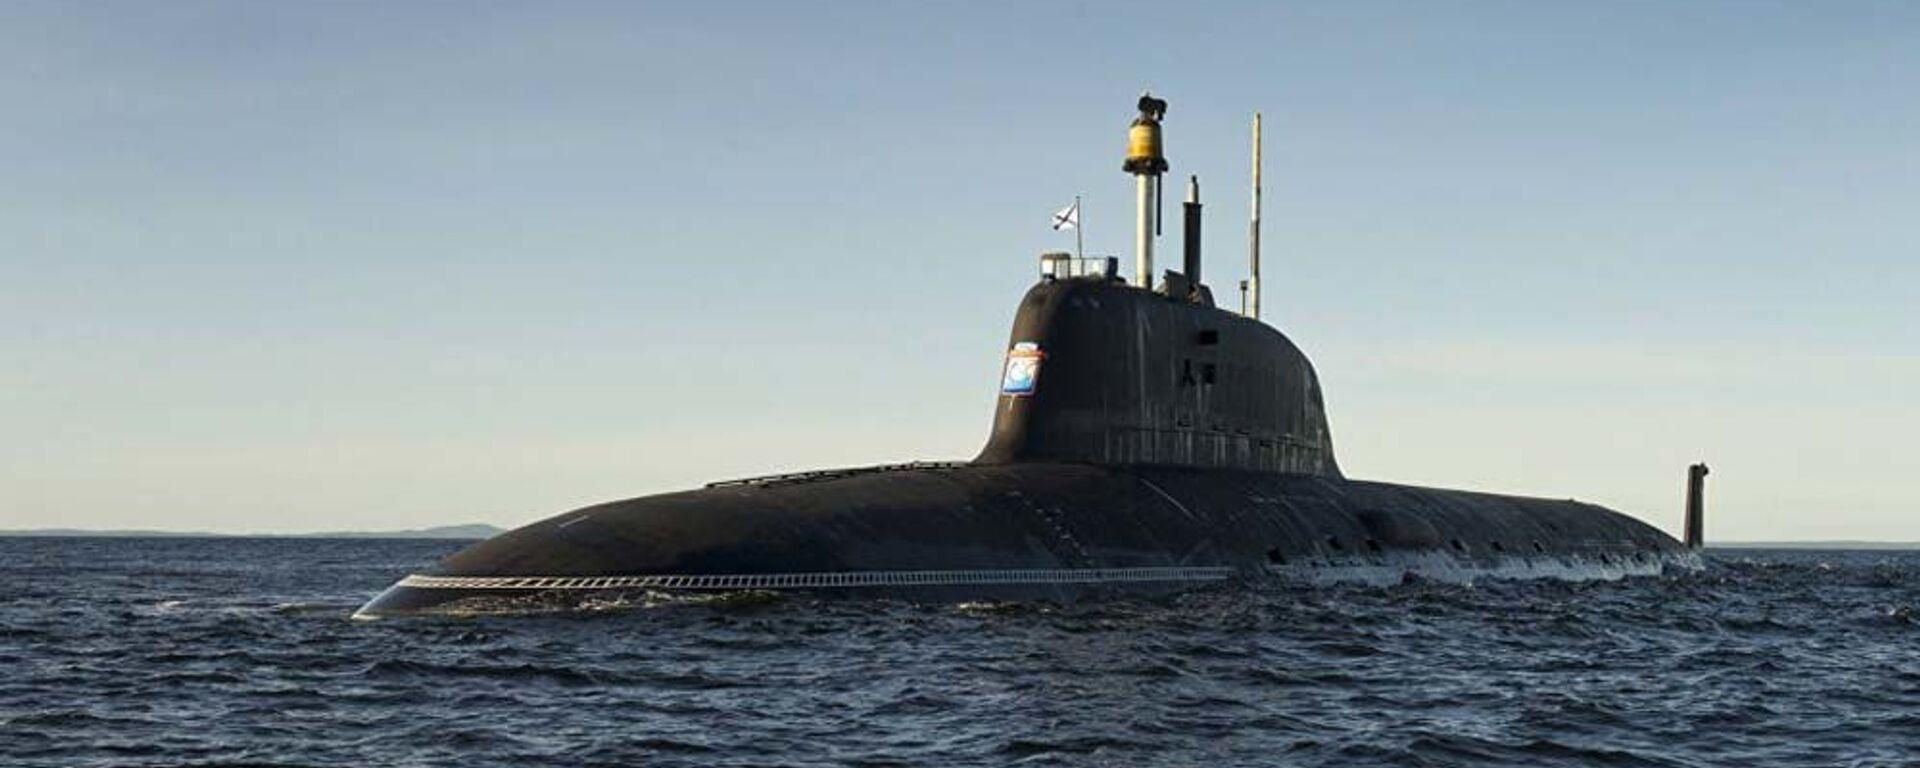 tàu ngầm hạt nhân «Yasen-M» của Nga - Sputnik Việt Nam, 1920, 19.04.2020